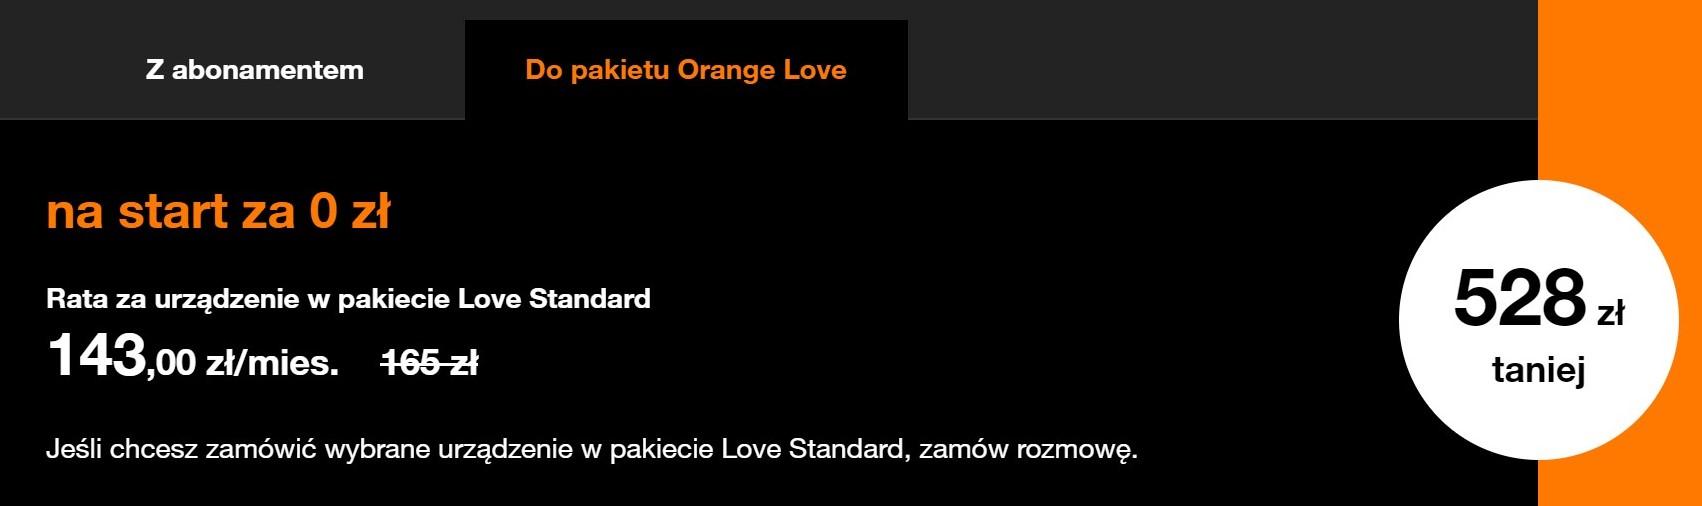 W tym tygodniu kupisz w Orange smartfon Sony Xperia 1 ponad 500 zł taniej